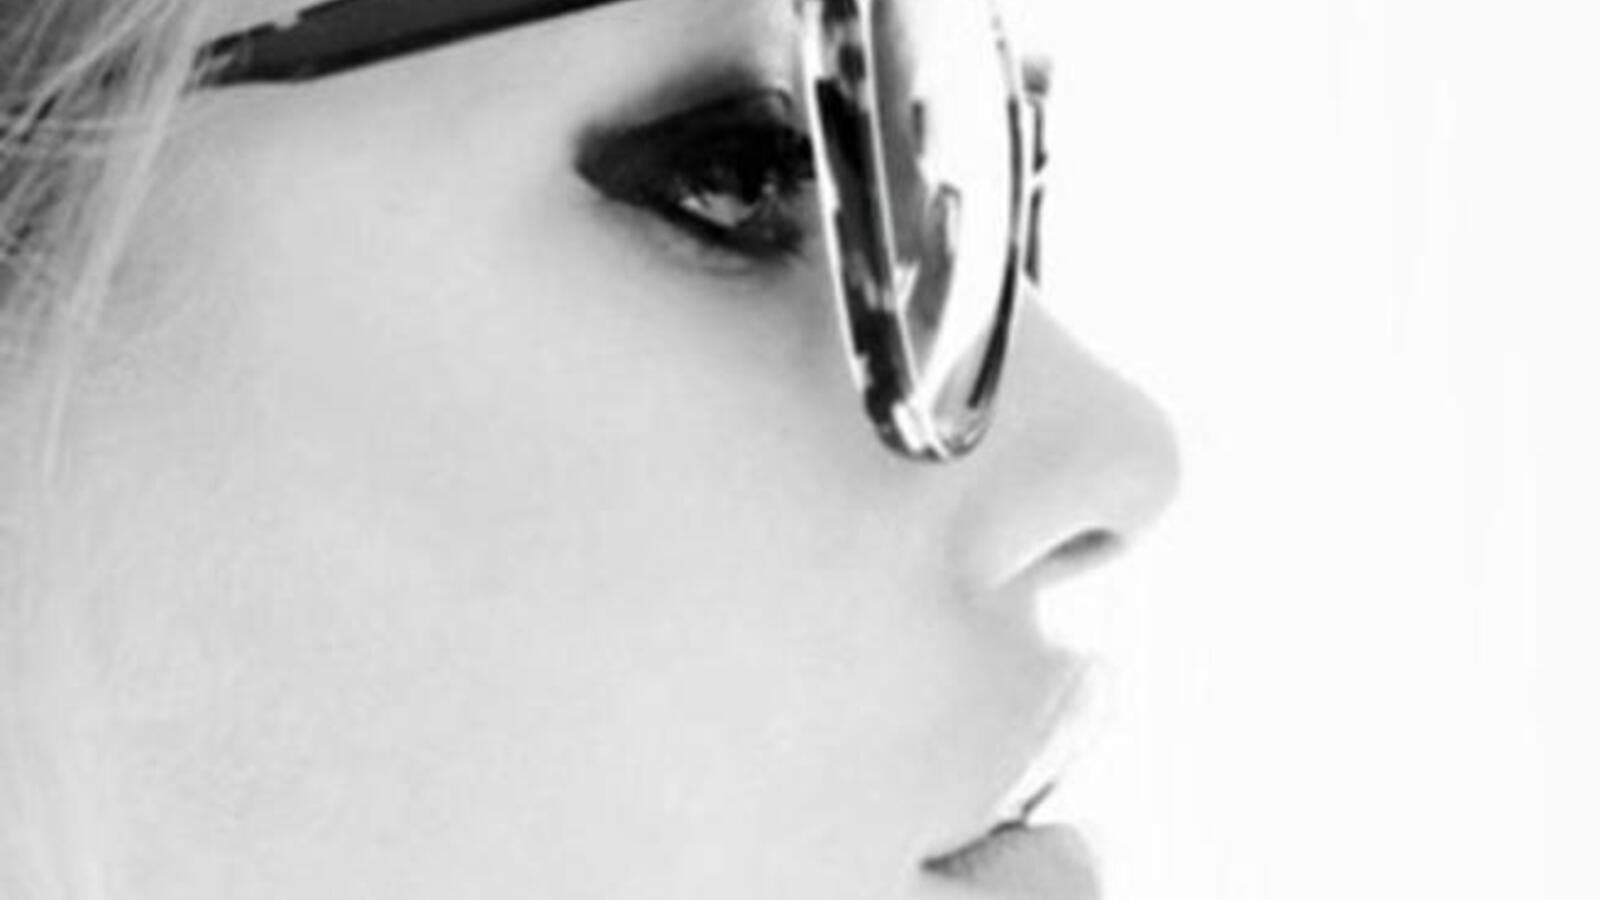 4c8c91484 نصائح هامة عند إختيار نظارات القراءة الطبية | البوابة